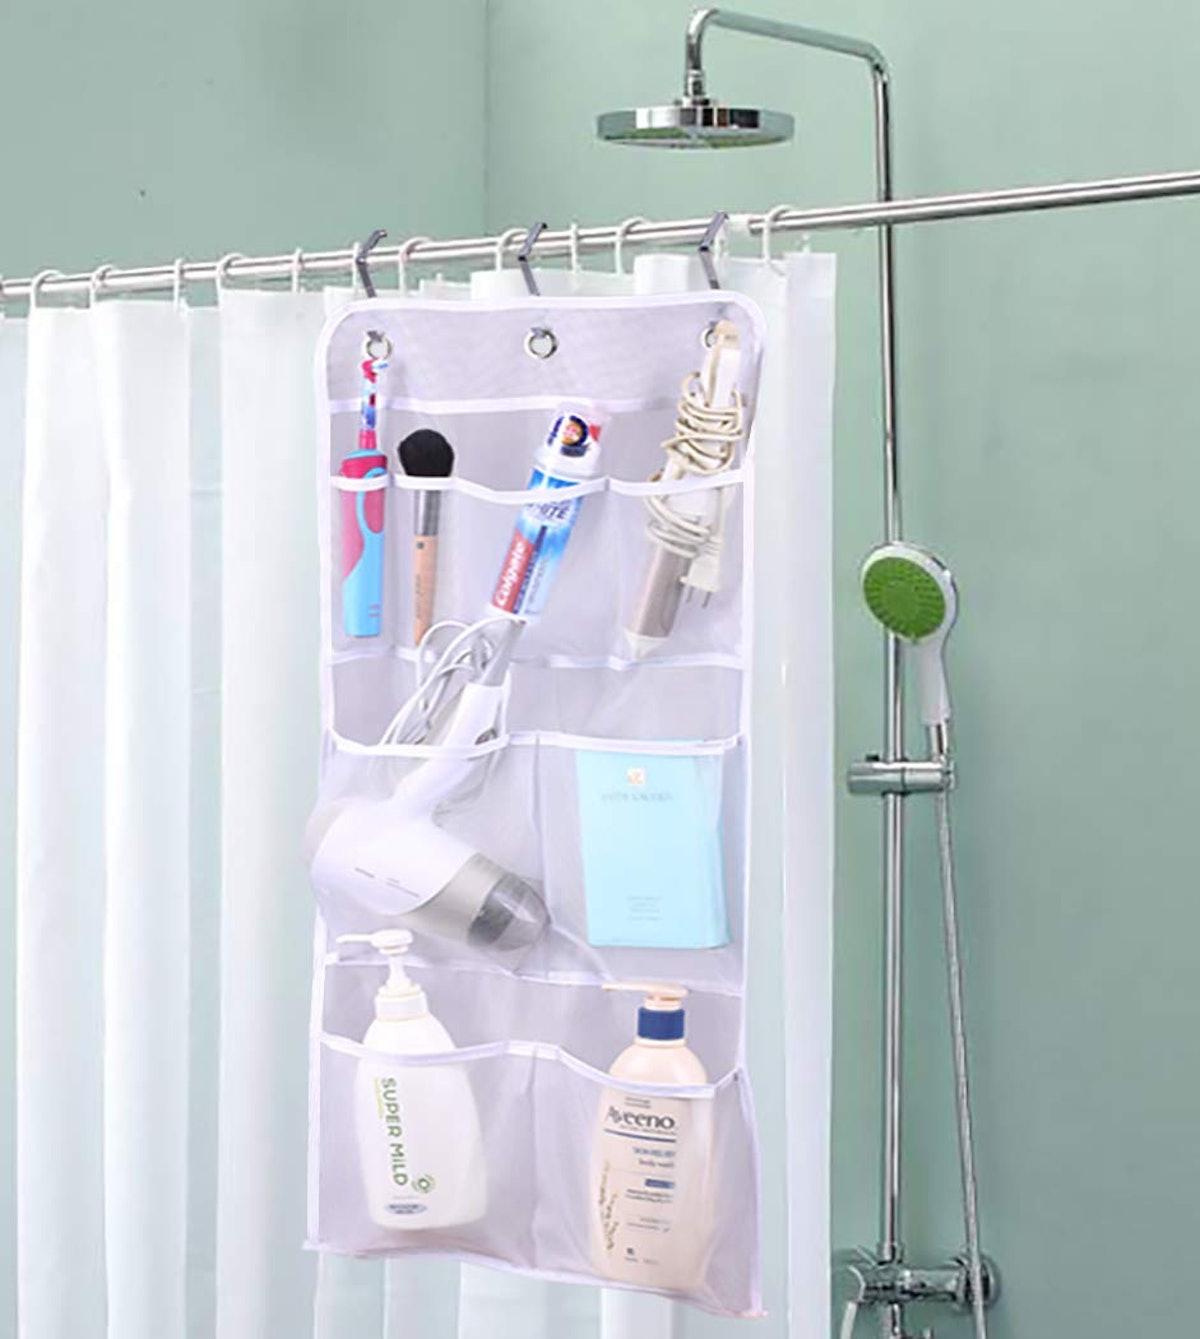 MISSLO Hanging Mesh Pockets Shower Organizer